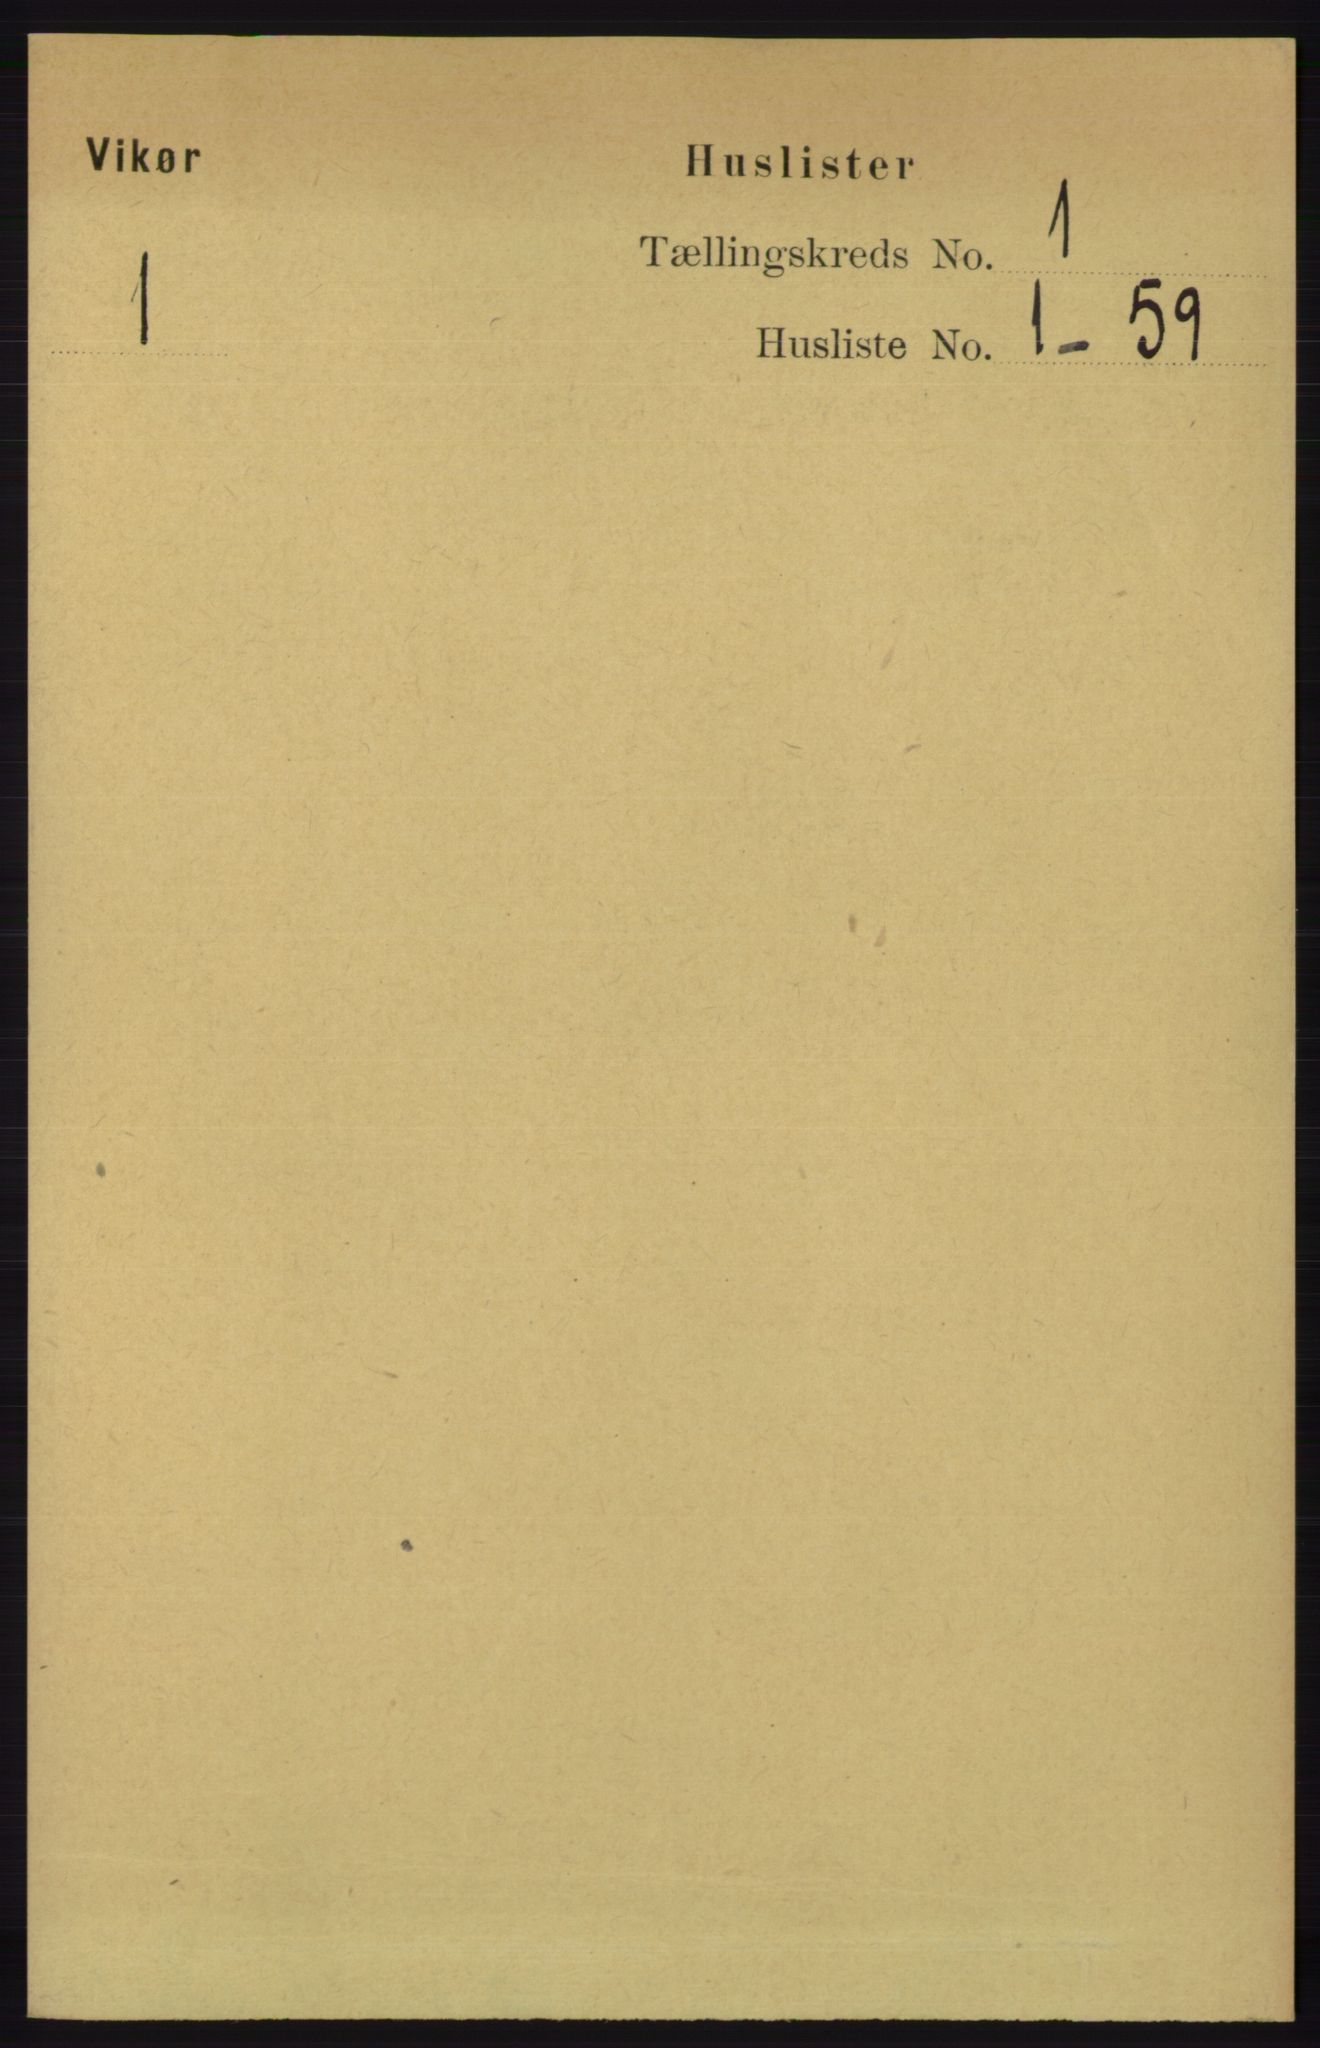 RA, Folketelling 1891 for 1238 Vikør herred, 1891, s. 32